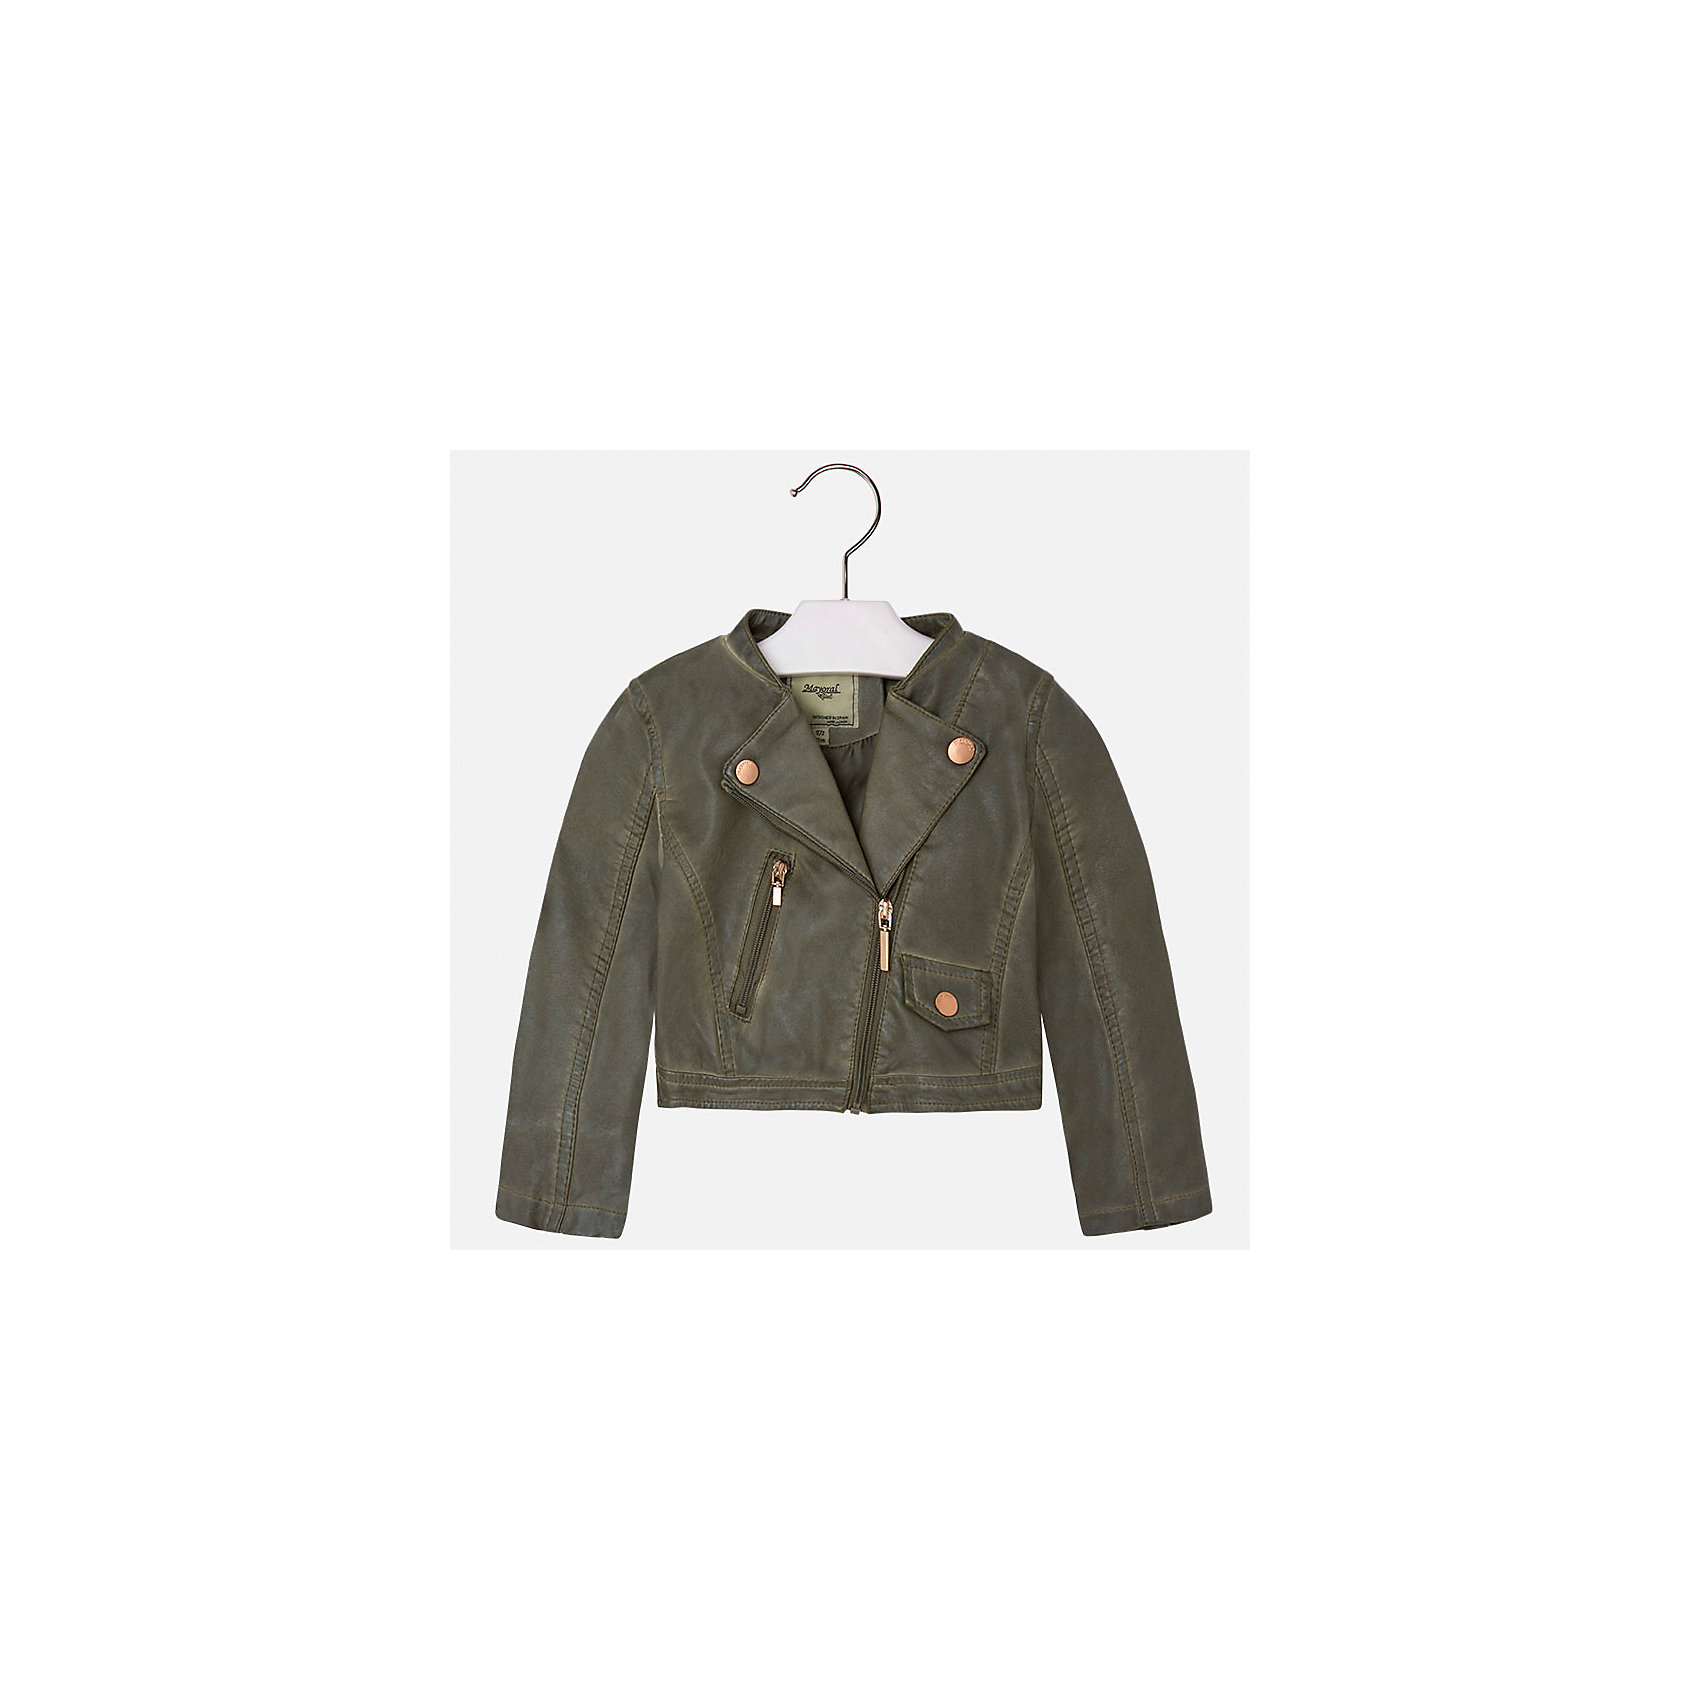 Куртка для девочки MayoralВерхняя одежда<br>Характеристики товара:<br><br>• цвет: хаки<br>• состав: 100% полиэстер, верх - 100% полиэстер<br>• температурный режим от +15°до +10°С<br>• косая молния<br>• карманы<br>• с длинными рукавами <br>• плотная ткань<br>• страна бренда: Испания<br><br>Стильная куртка для девочки поможет разнообразить гардероб ребенка и обеспечить тепло в прохладную погоду. Она отлично сочетается и с юбками, и с брюками. Красивый цвет позволяет подобрать к вещи низ различных расцветок. Интересная отделка модели делает её нарядной и стильной. Оригинальной и модной куртку делает косая молния.<br><br>Одежда, обувь и аксессуары от испанского бренда Mayoral полюбились детям и взрослым по всему миру. Модели этой марки - стильные и удобные. Для их производства используются только безопасные, качественные материалы и фурнитура. Порадуйте ребенка модными и красивыми вещами от Mayoral! <br><br>Куртку для девочки от испанского бренда Mayoral (Майорал) можно купить в нашем интернет-магазине.<br><br>Ширина мм: 356<br>Глубина мм: 10<br>Высота мм: 245<br>Вес г: 519<br>Цвет: коричневый<br>Возраст от месяцев: 96<br>Возраст до месяцев: 108<br>Пол: Женский<br>Возраст: Детский<br>Размер: 134,92,98,104,110,116,122,128<br>SKU: 5290082